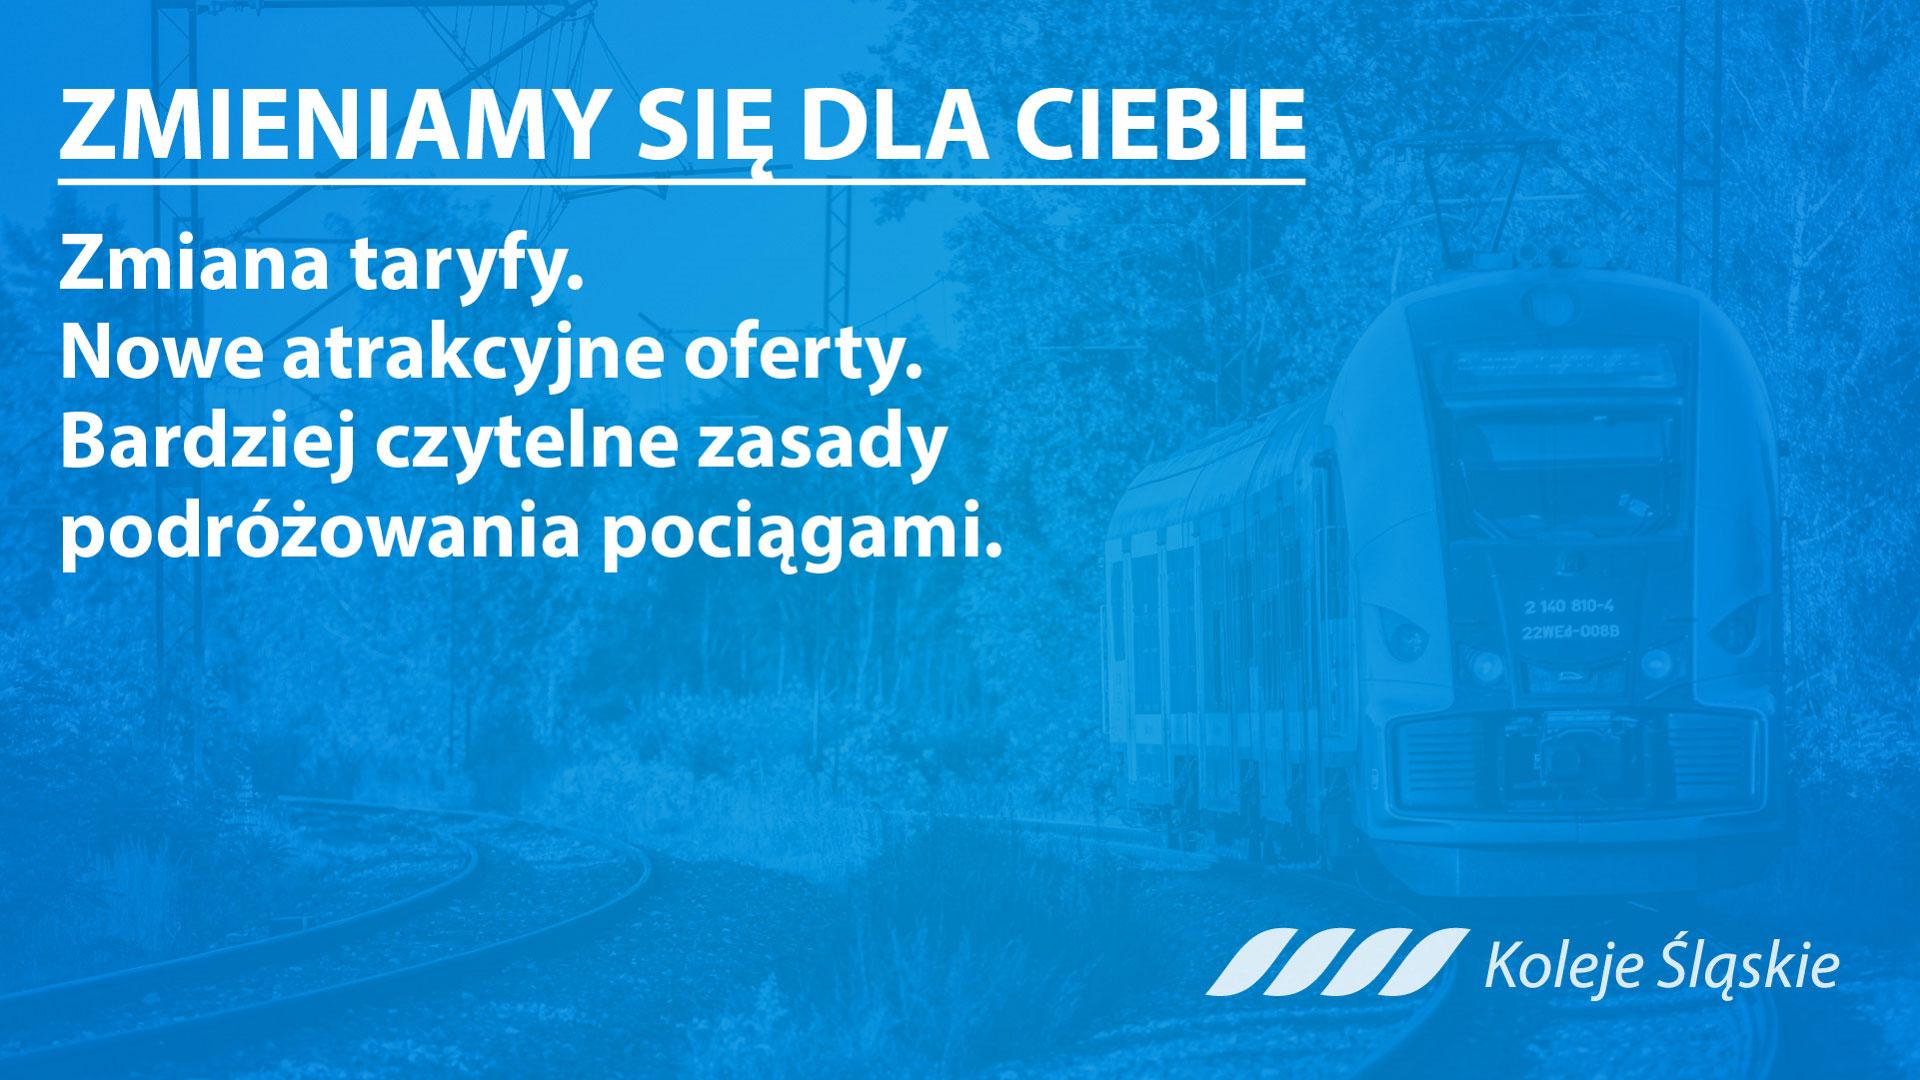 Koleje Śląskie. Zmieniamy się dla ciebie.